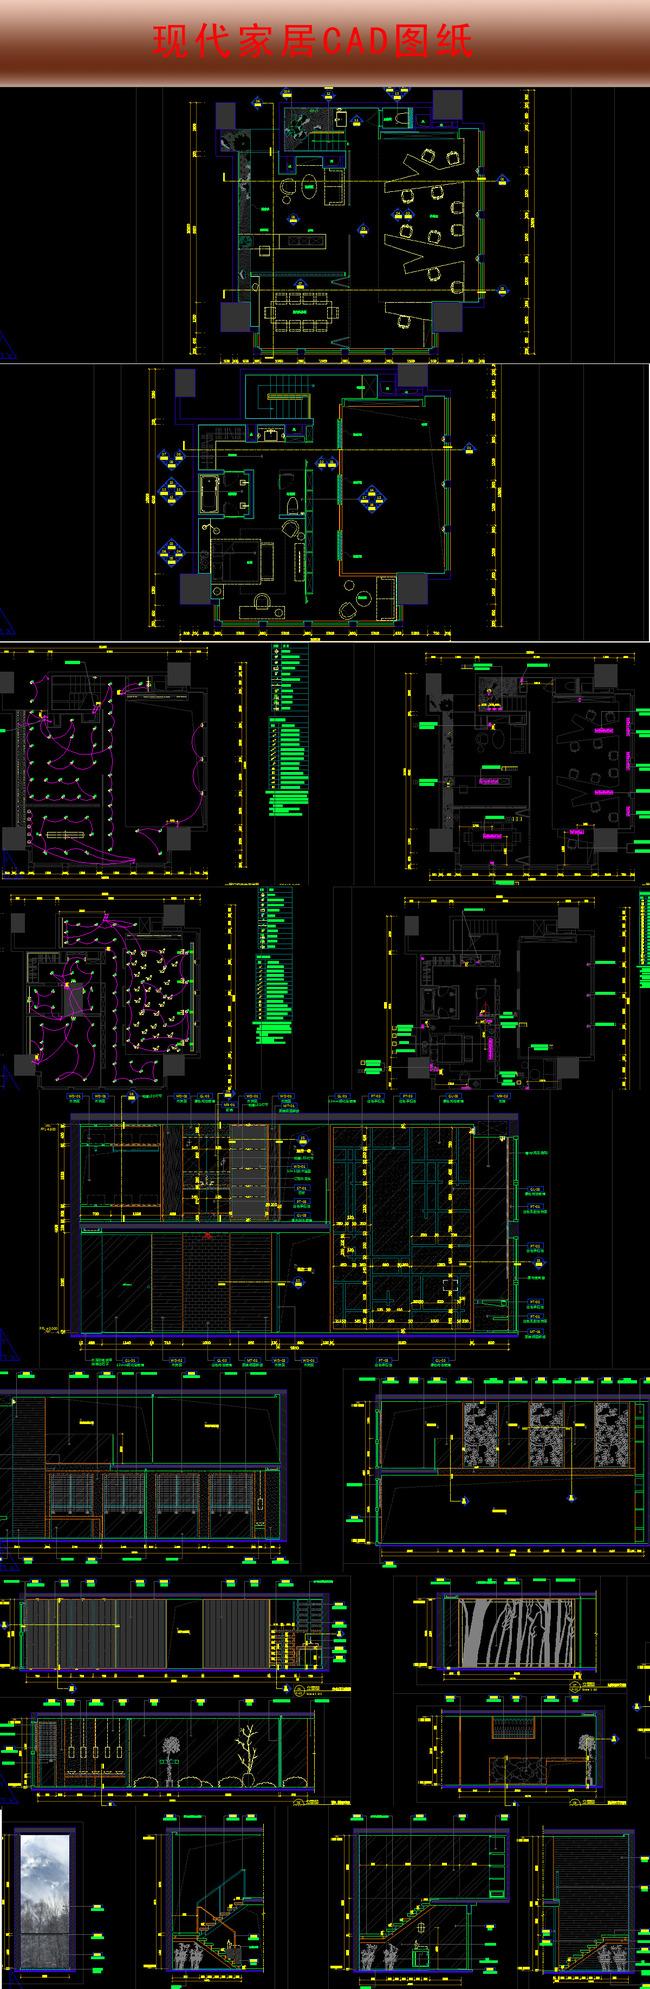 家装cad图纸 简约现代cad图纸 别墅套房 装修设计 装饰公司 电路图 说